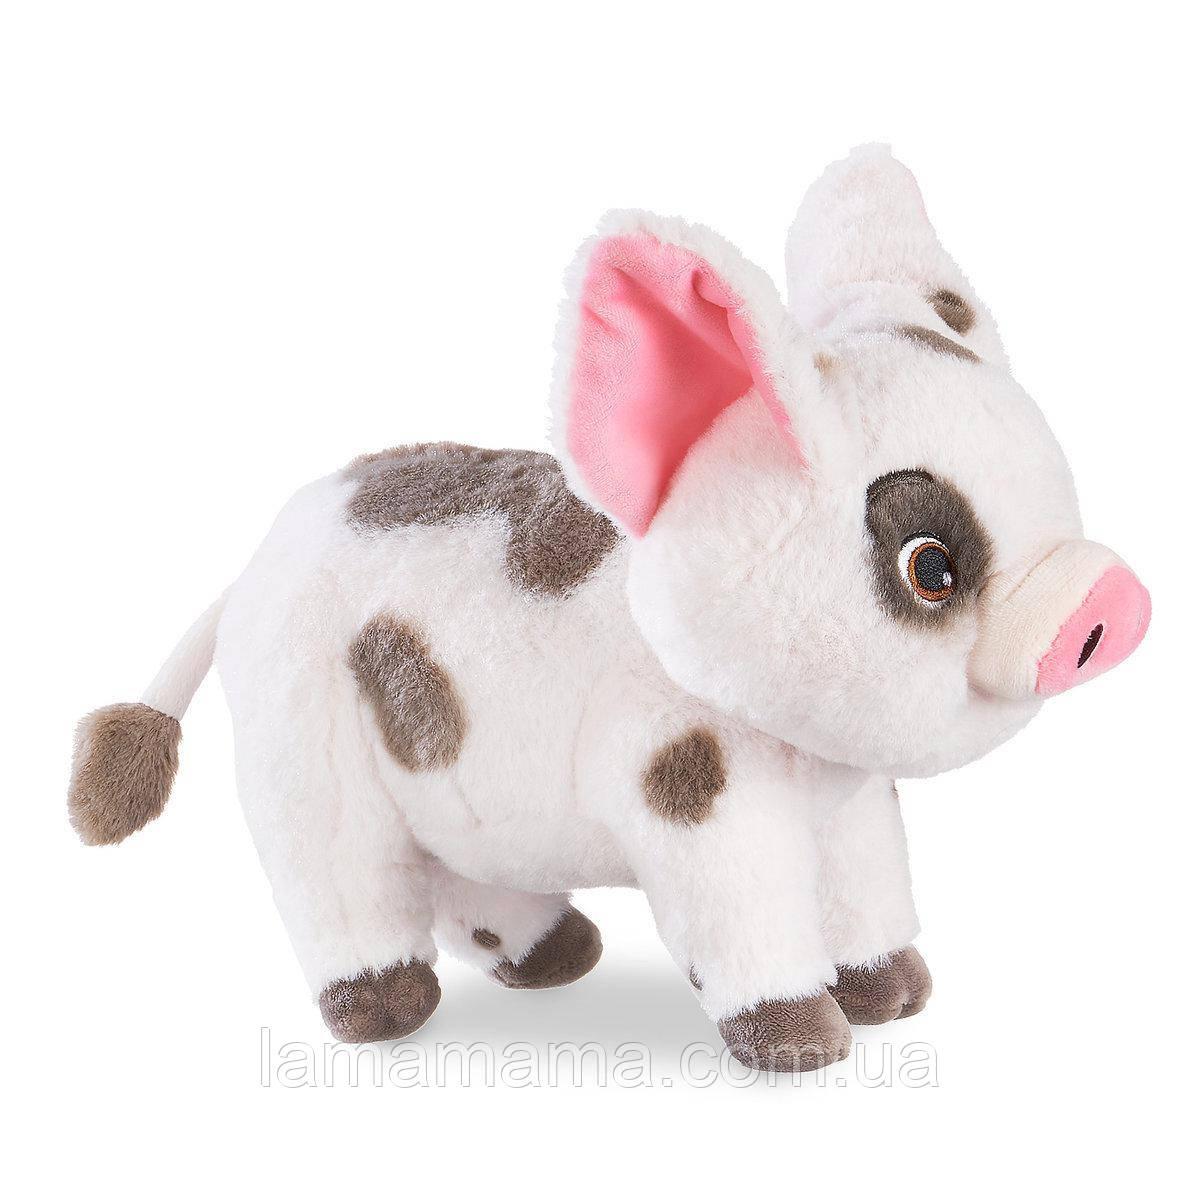 15e553689dcf Мягкая плюшевая игрушка Поросенок Пуа Ваяна Оригинал DisneyStore - LamaMama  — мы воплощаем детские мечты!